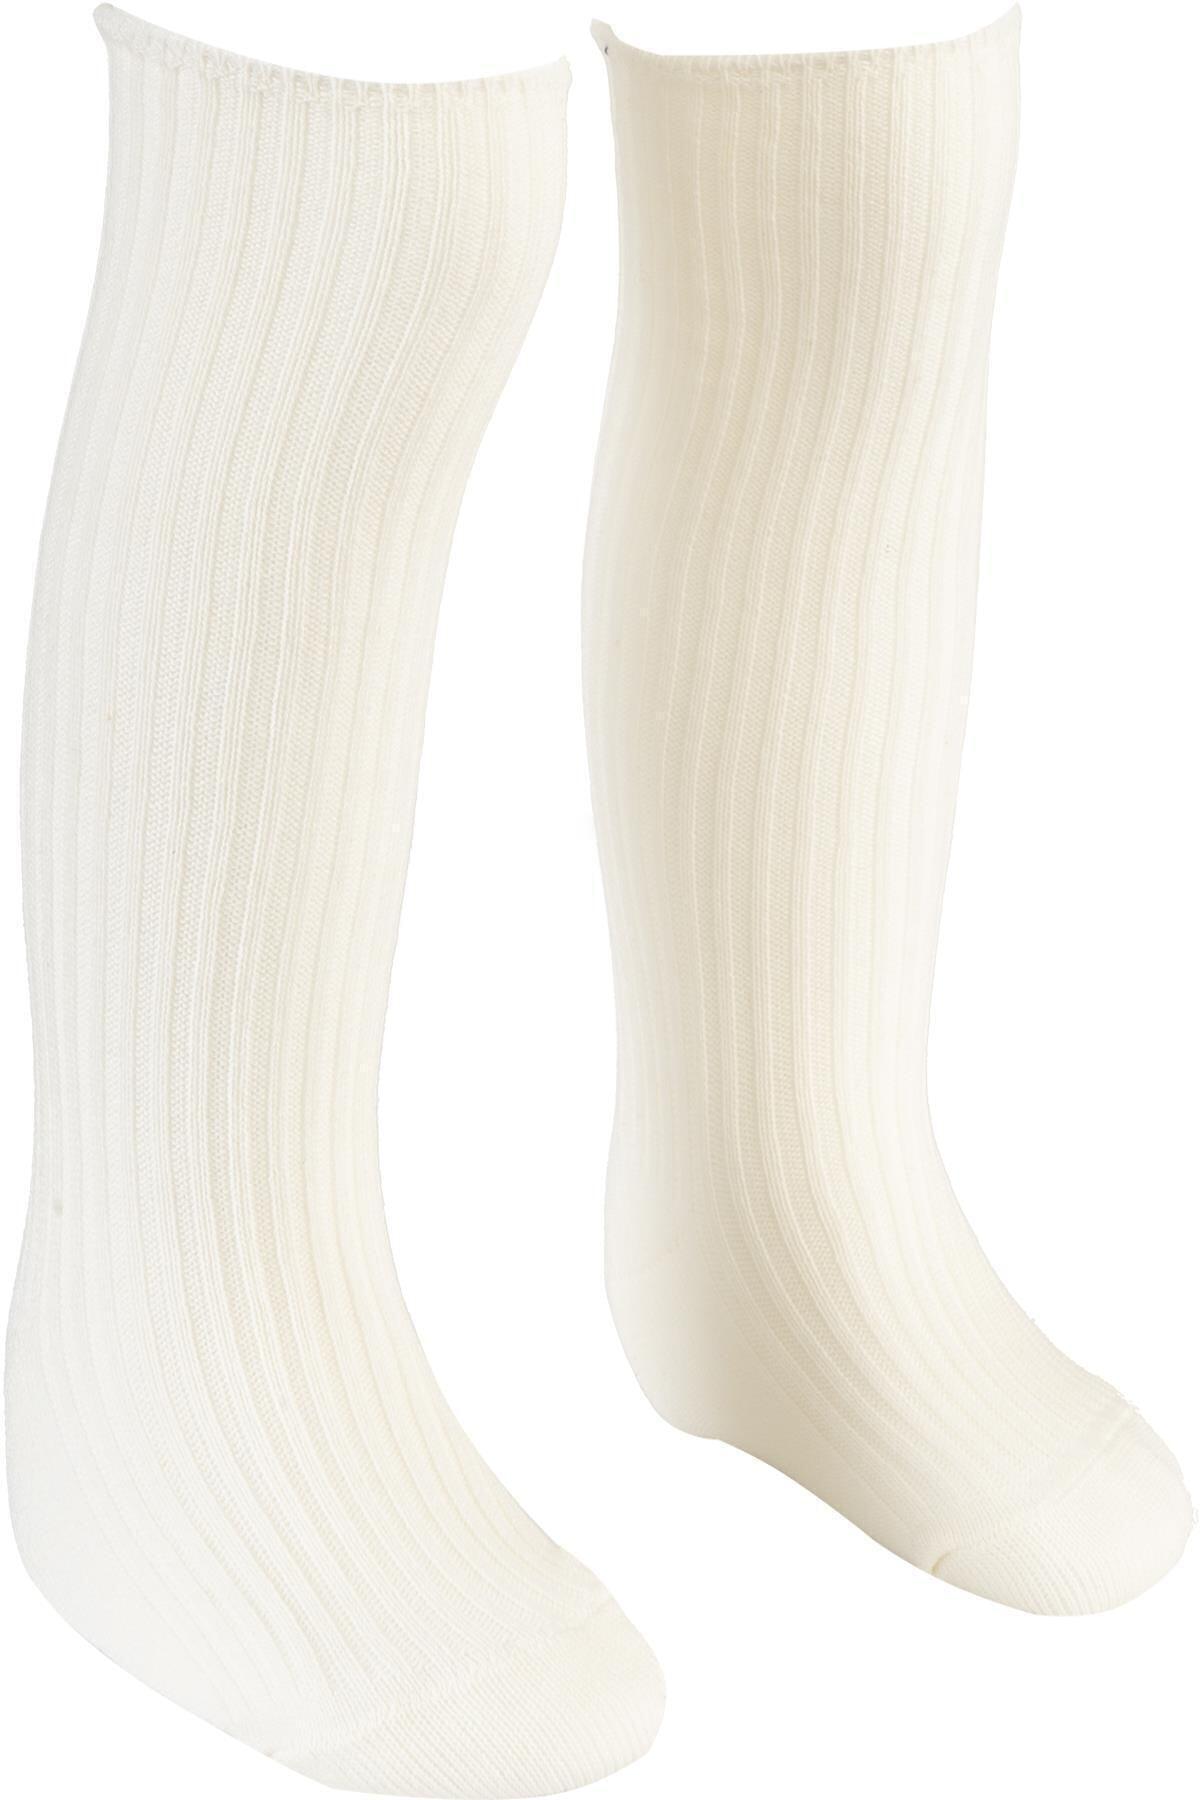 BEBEĞİME ÇORAP Krem Rengi Derby Dizaltı Çorap Kız-erkek Bebek / Kız- Erkek Çocuk 1